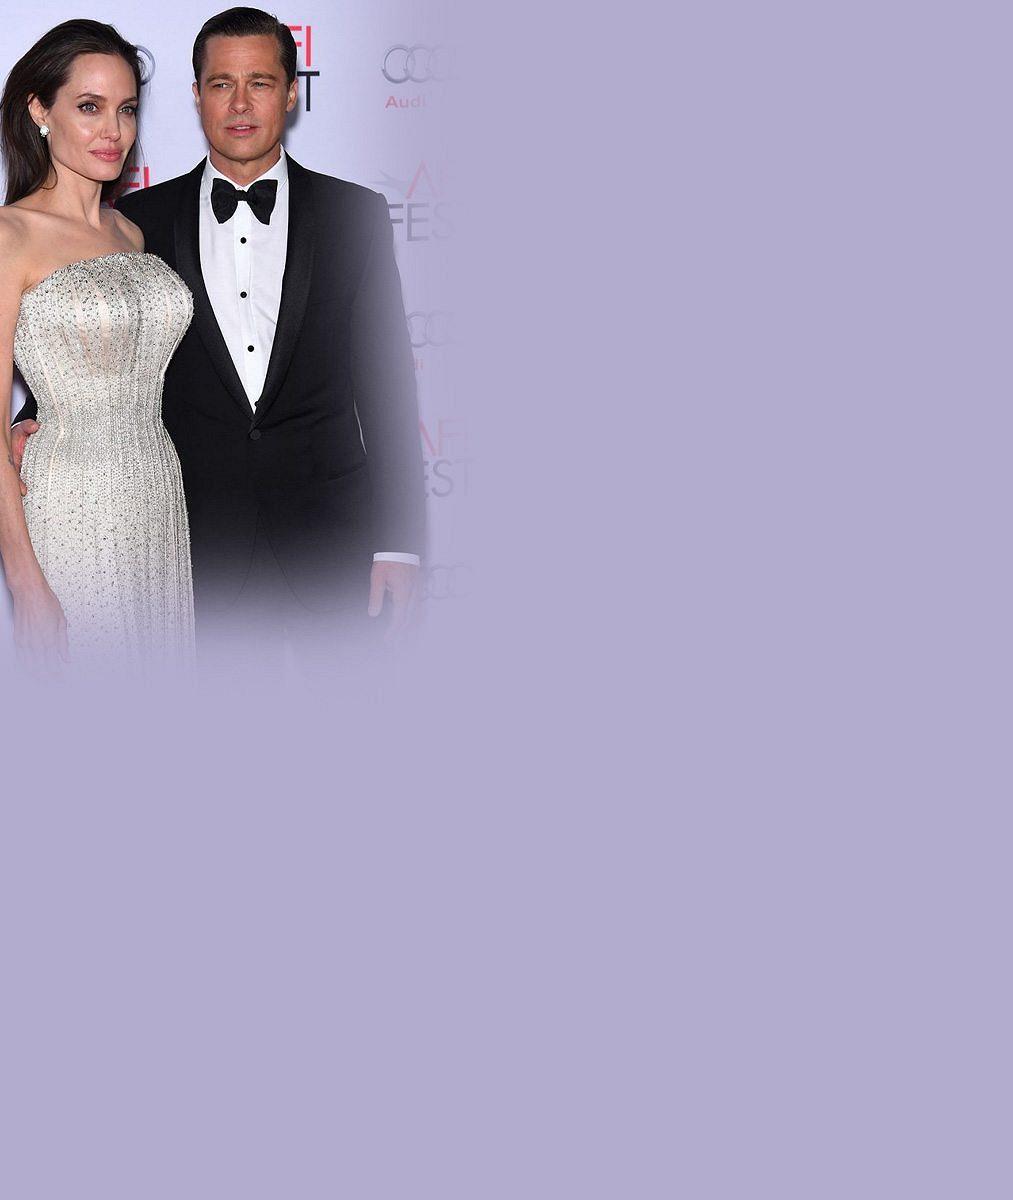 Manželství Brangeliny je v troskách: Pitt měl Jolie podvést s nejslavnější držitelkou Českého lva